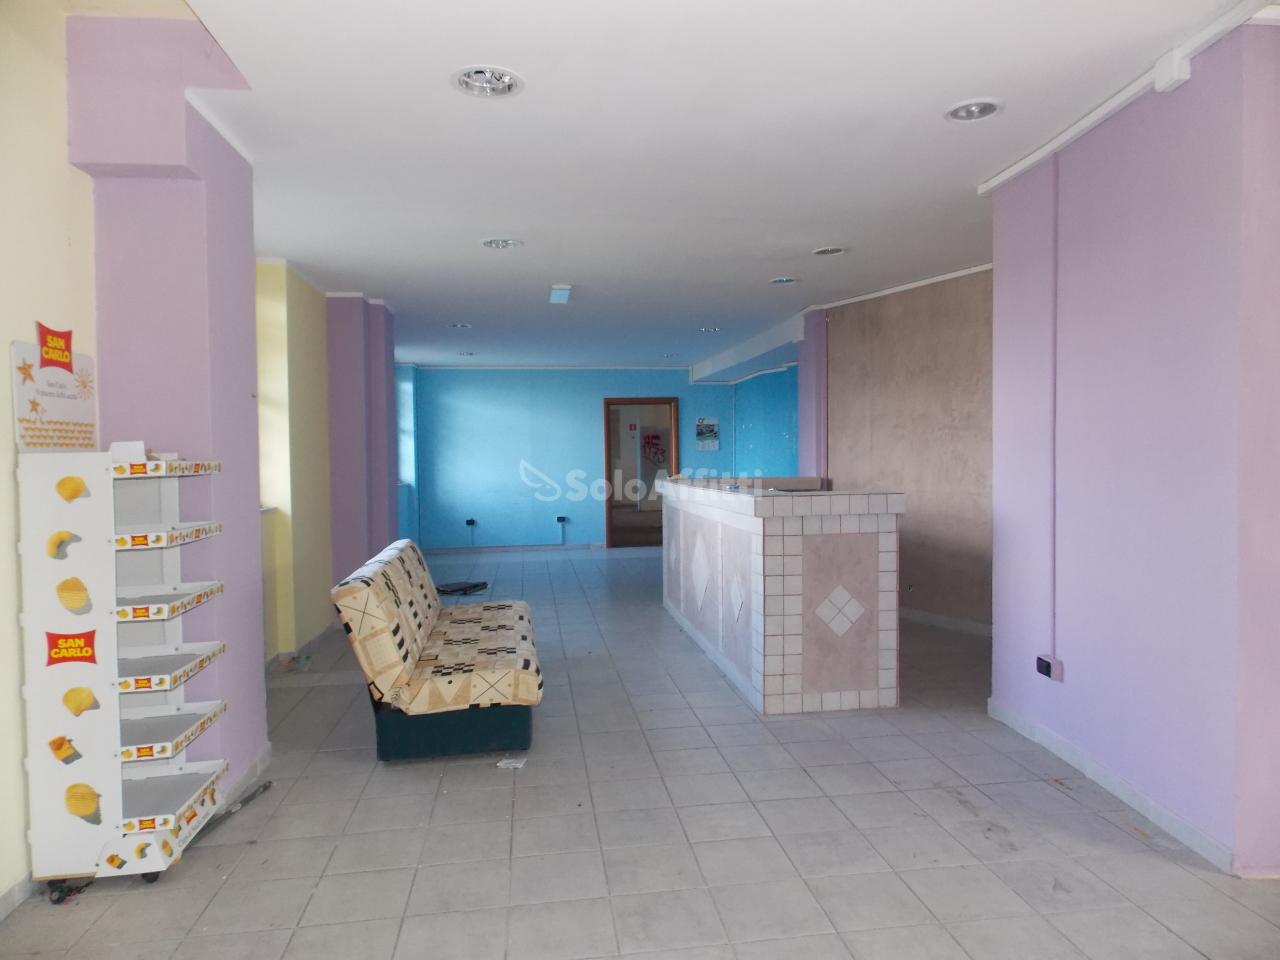 Fondo/negozio - 1 vetrina/luce a Giardini, Catanzaro Rif. 8801753